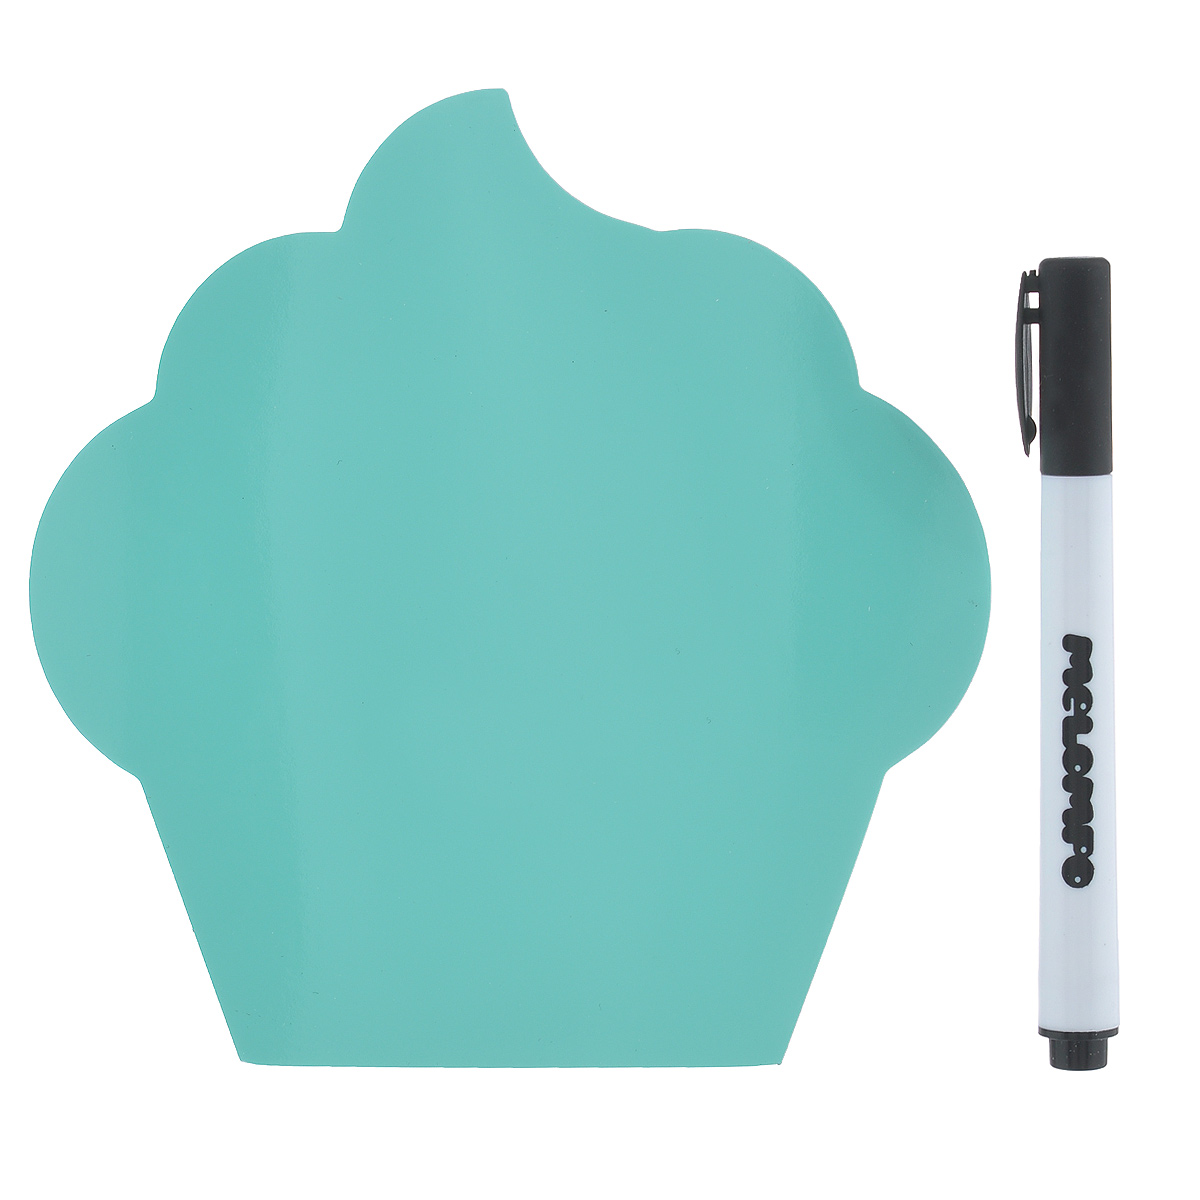 Памятка маркерная Melompo Кекс, 12 см х 12 смPF3850NМагнитная доска на холодильник Melompo Кекс - оригинальная вещь для ежедневных посланий родным и близким. Доска выполнена в виде кекса.В комплект входят:Памятка - легко примагничивается и просто снимается.Маркер - прекрасно пишет и также хорошо стирается.Держатель - позволит примагнитить памятку к неметаллической поверхности.